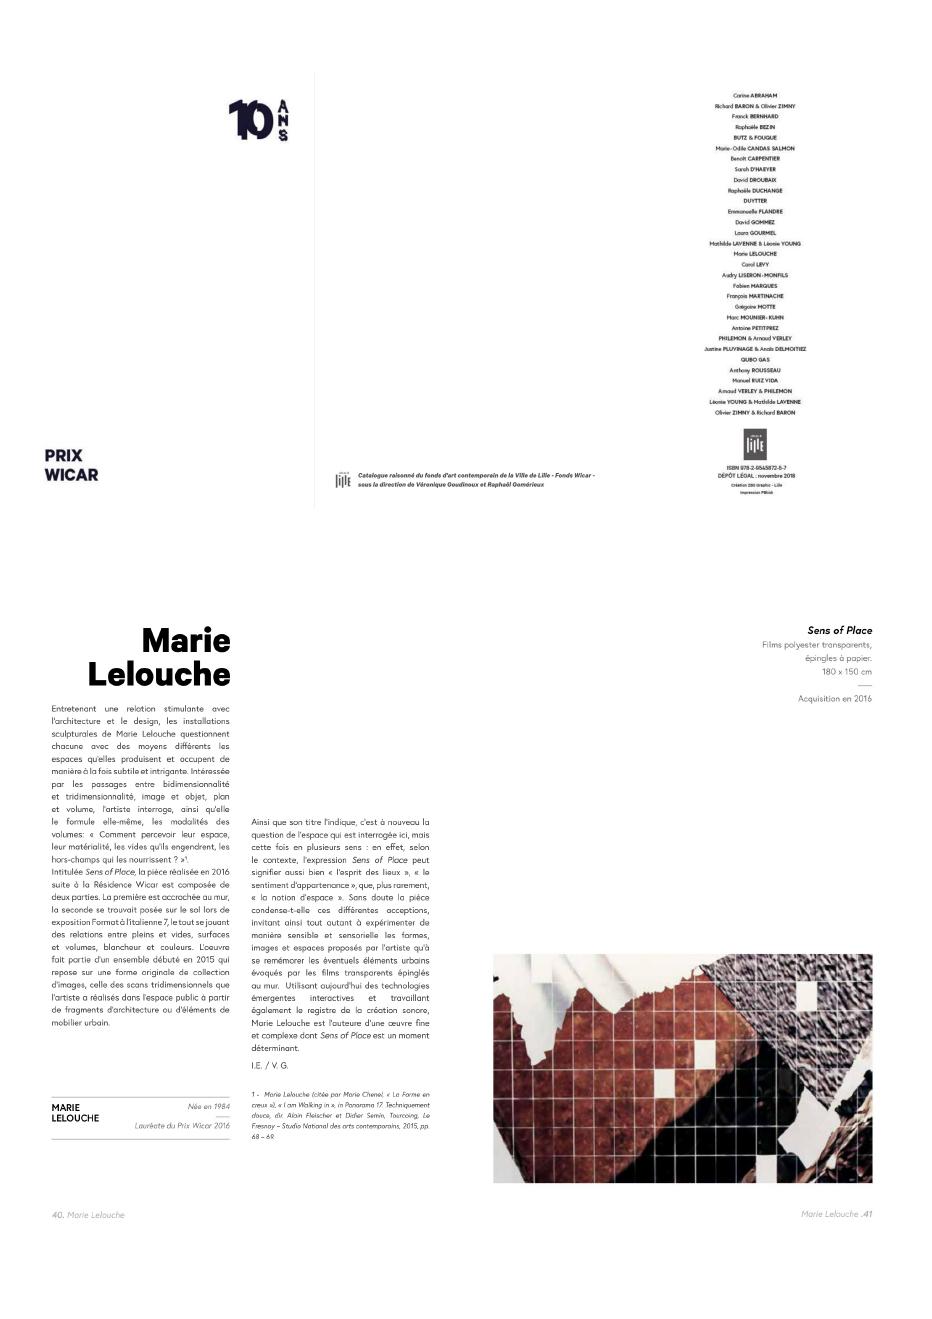 Fonds_wicar£_marie_lelouche